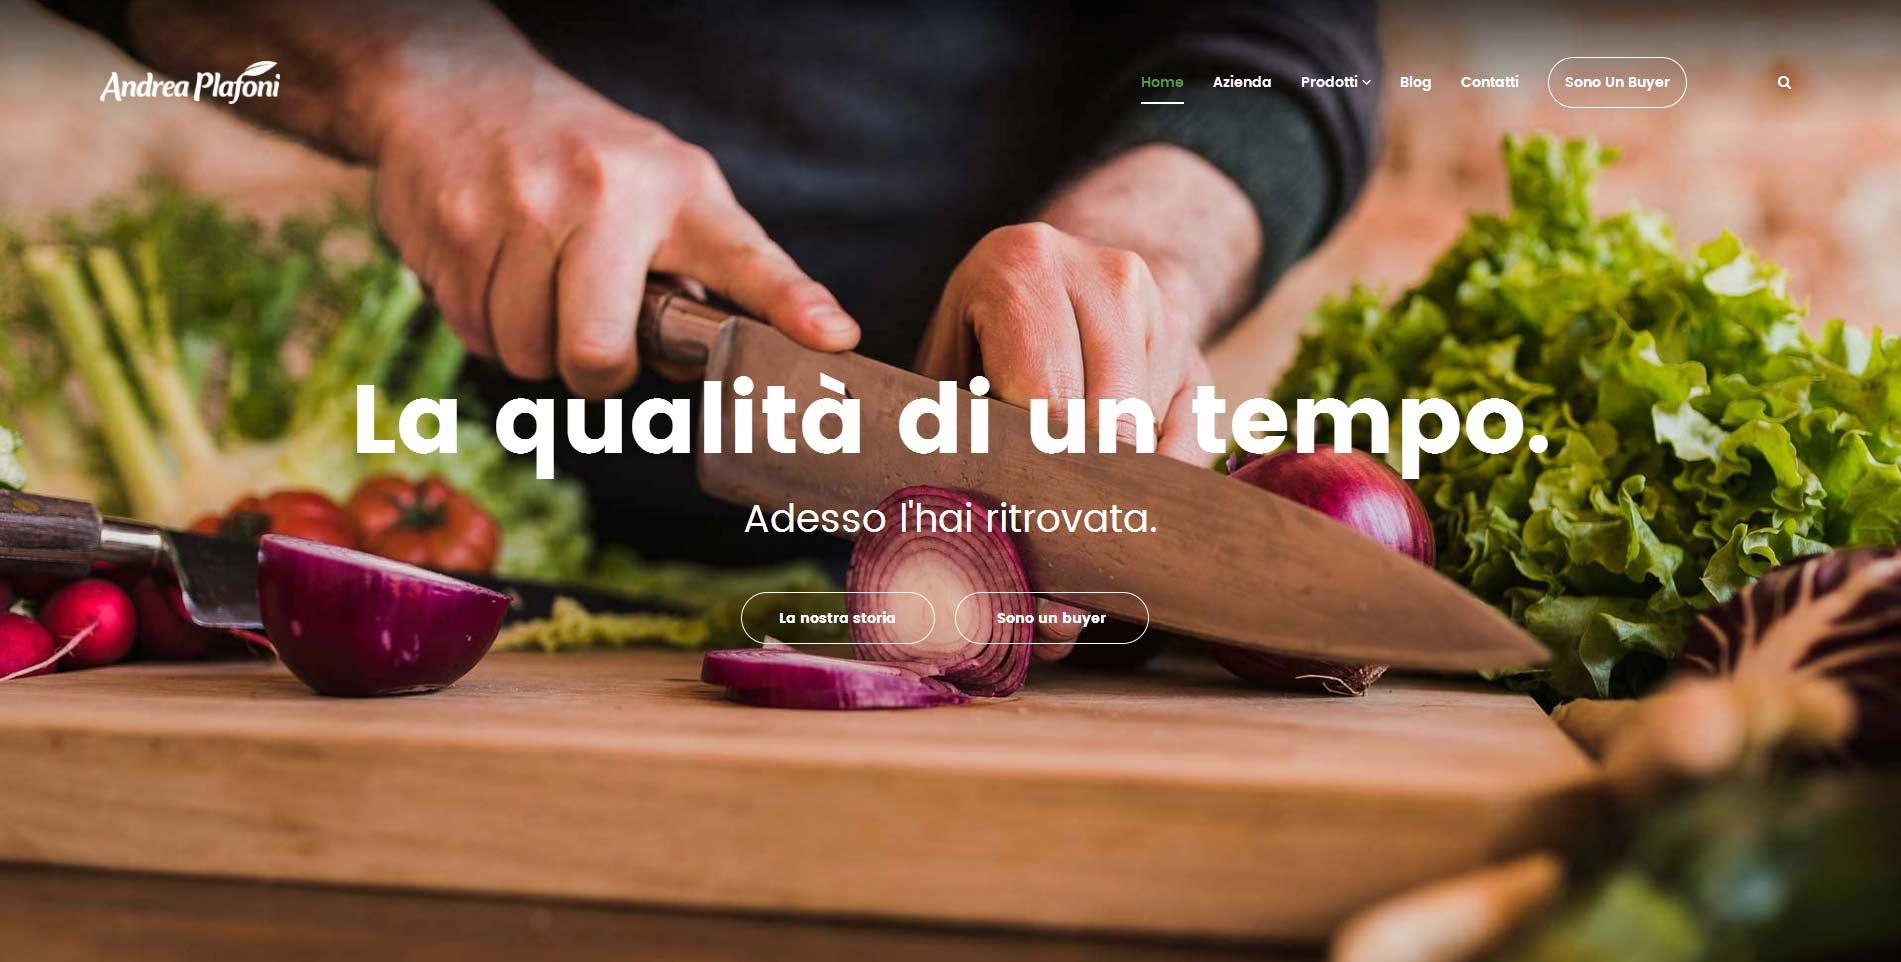 Nuovo sito per Andrea Plafoni